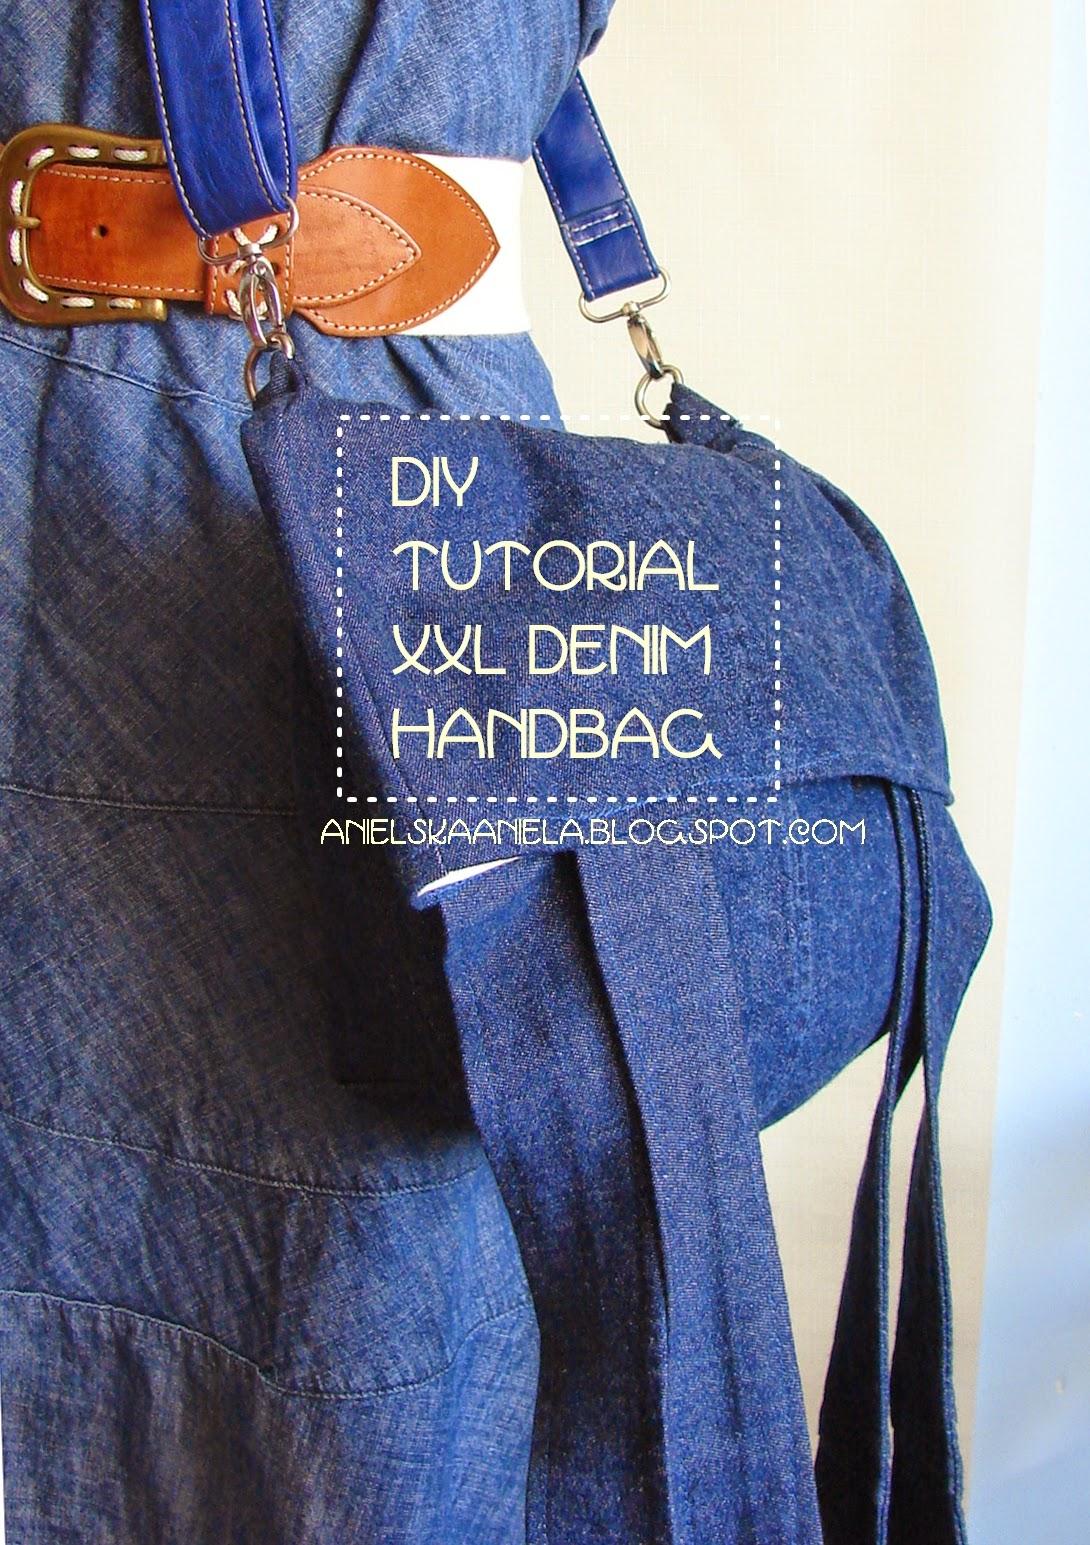 jak-uszyć-dużą-torbę- how to-make-tote-handbag- jak-uszyć-torebkę-krok po kroku-denim-jeans-dżins-remade-refashion-sewing-blog